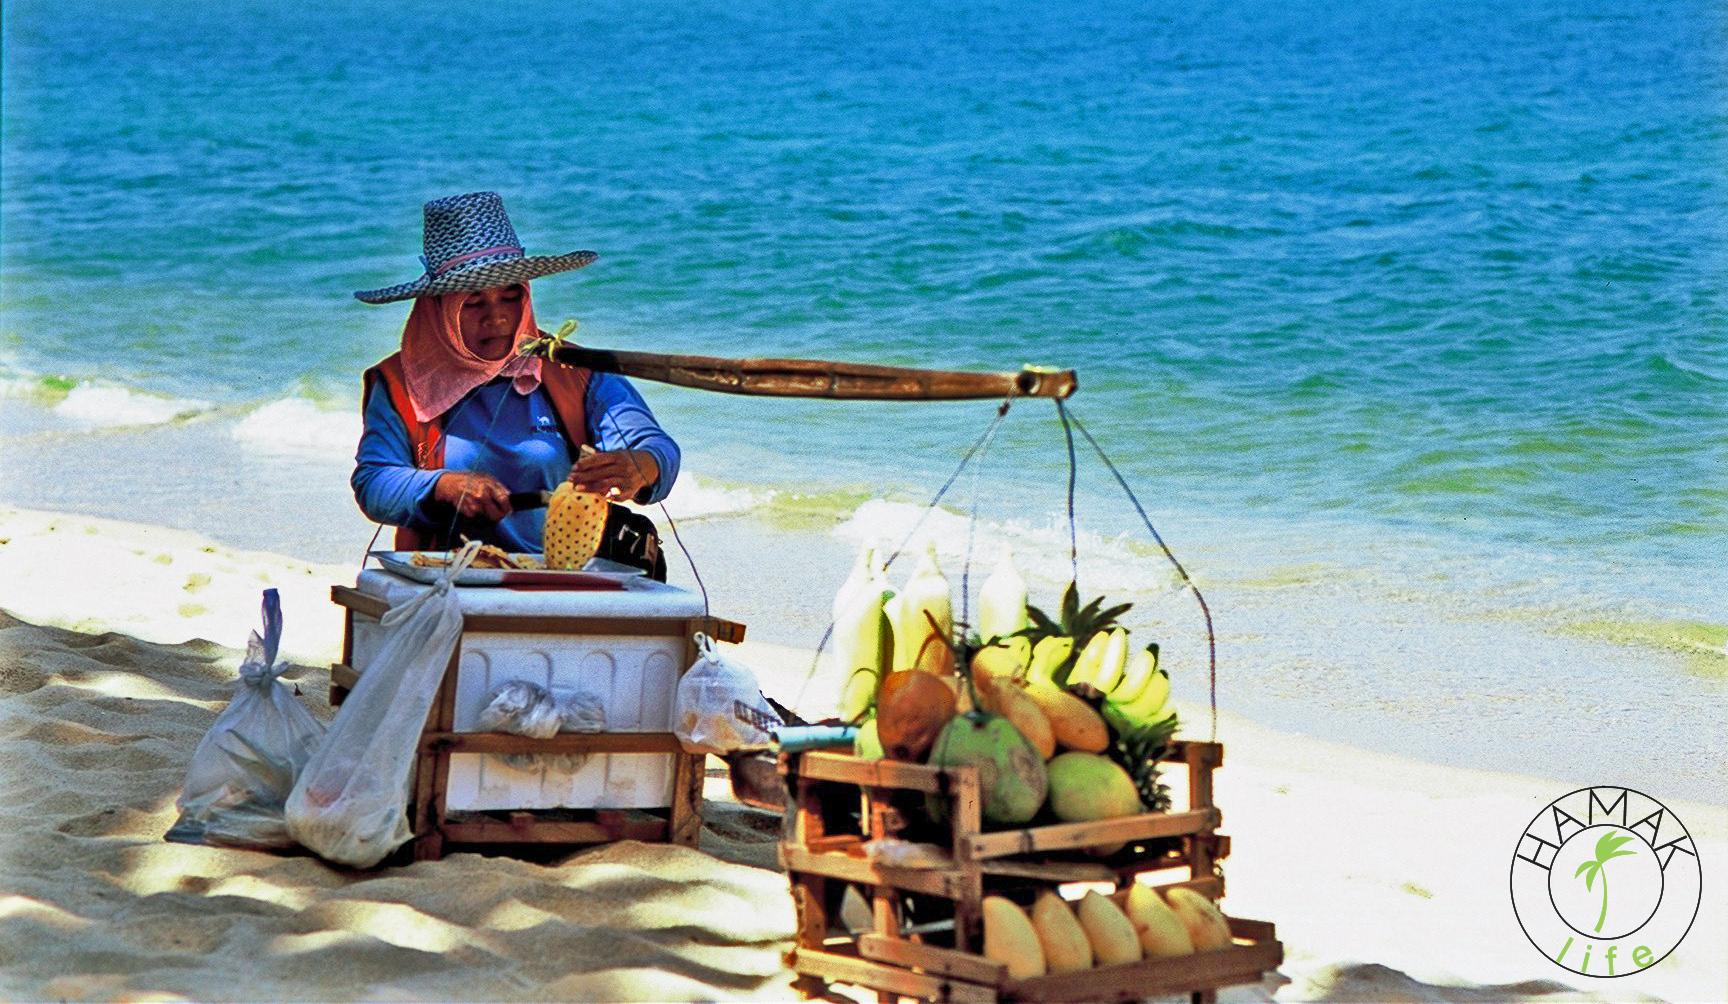 Plaża na Ko Samui. Lokalna kobieta sprzedaje owoce. Egzotyczne maski na użytek turystów.